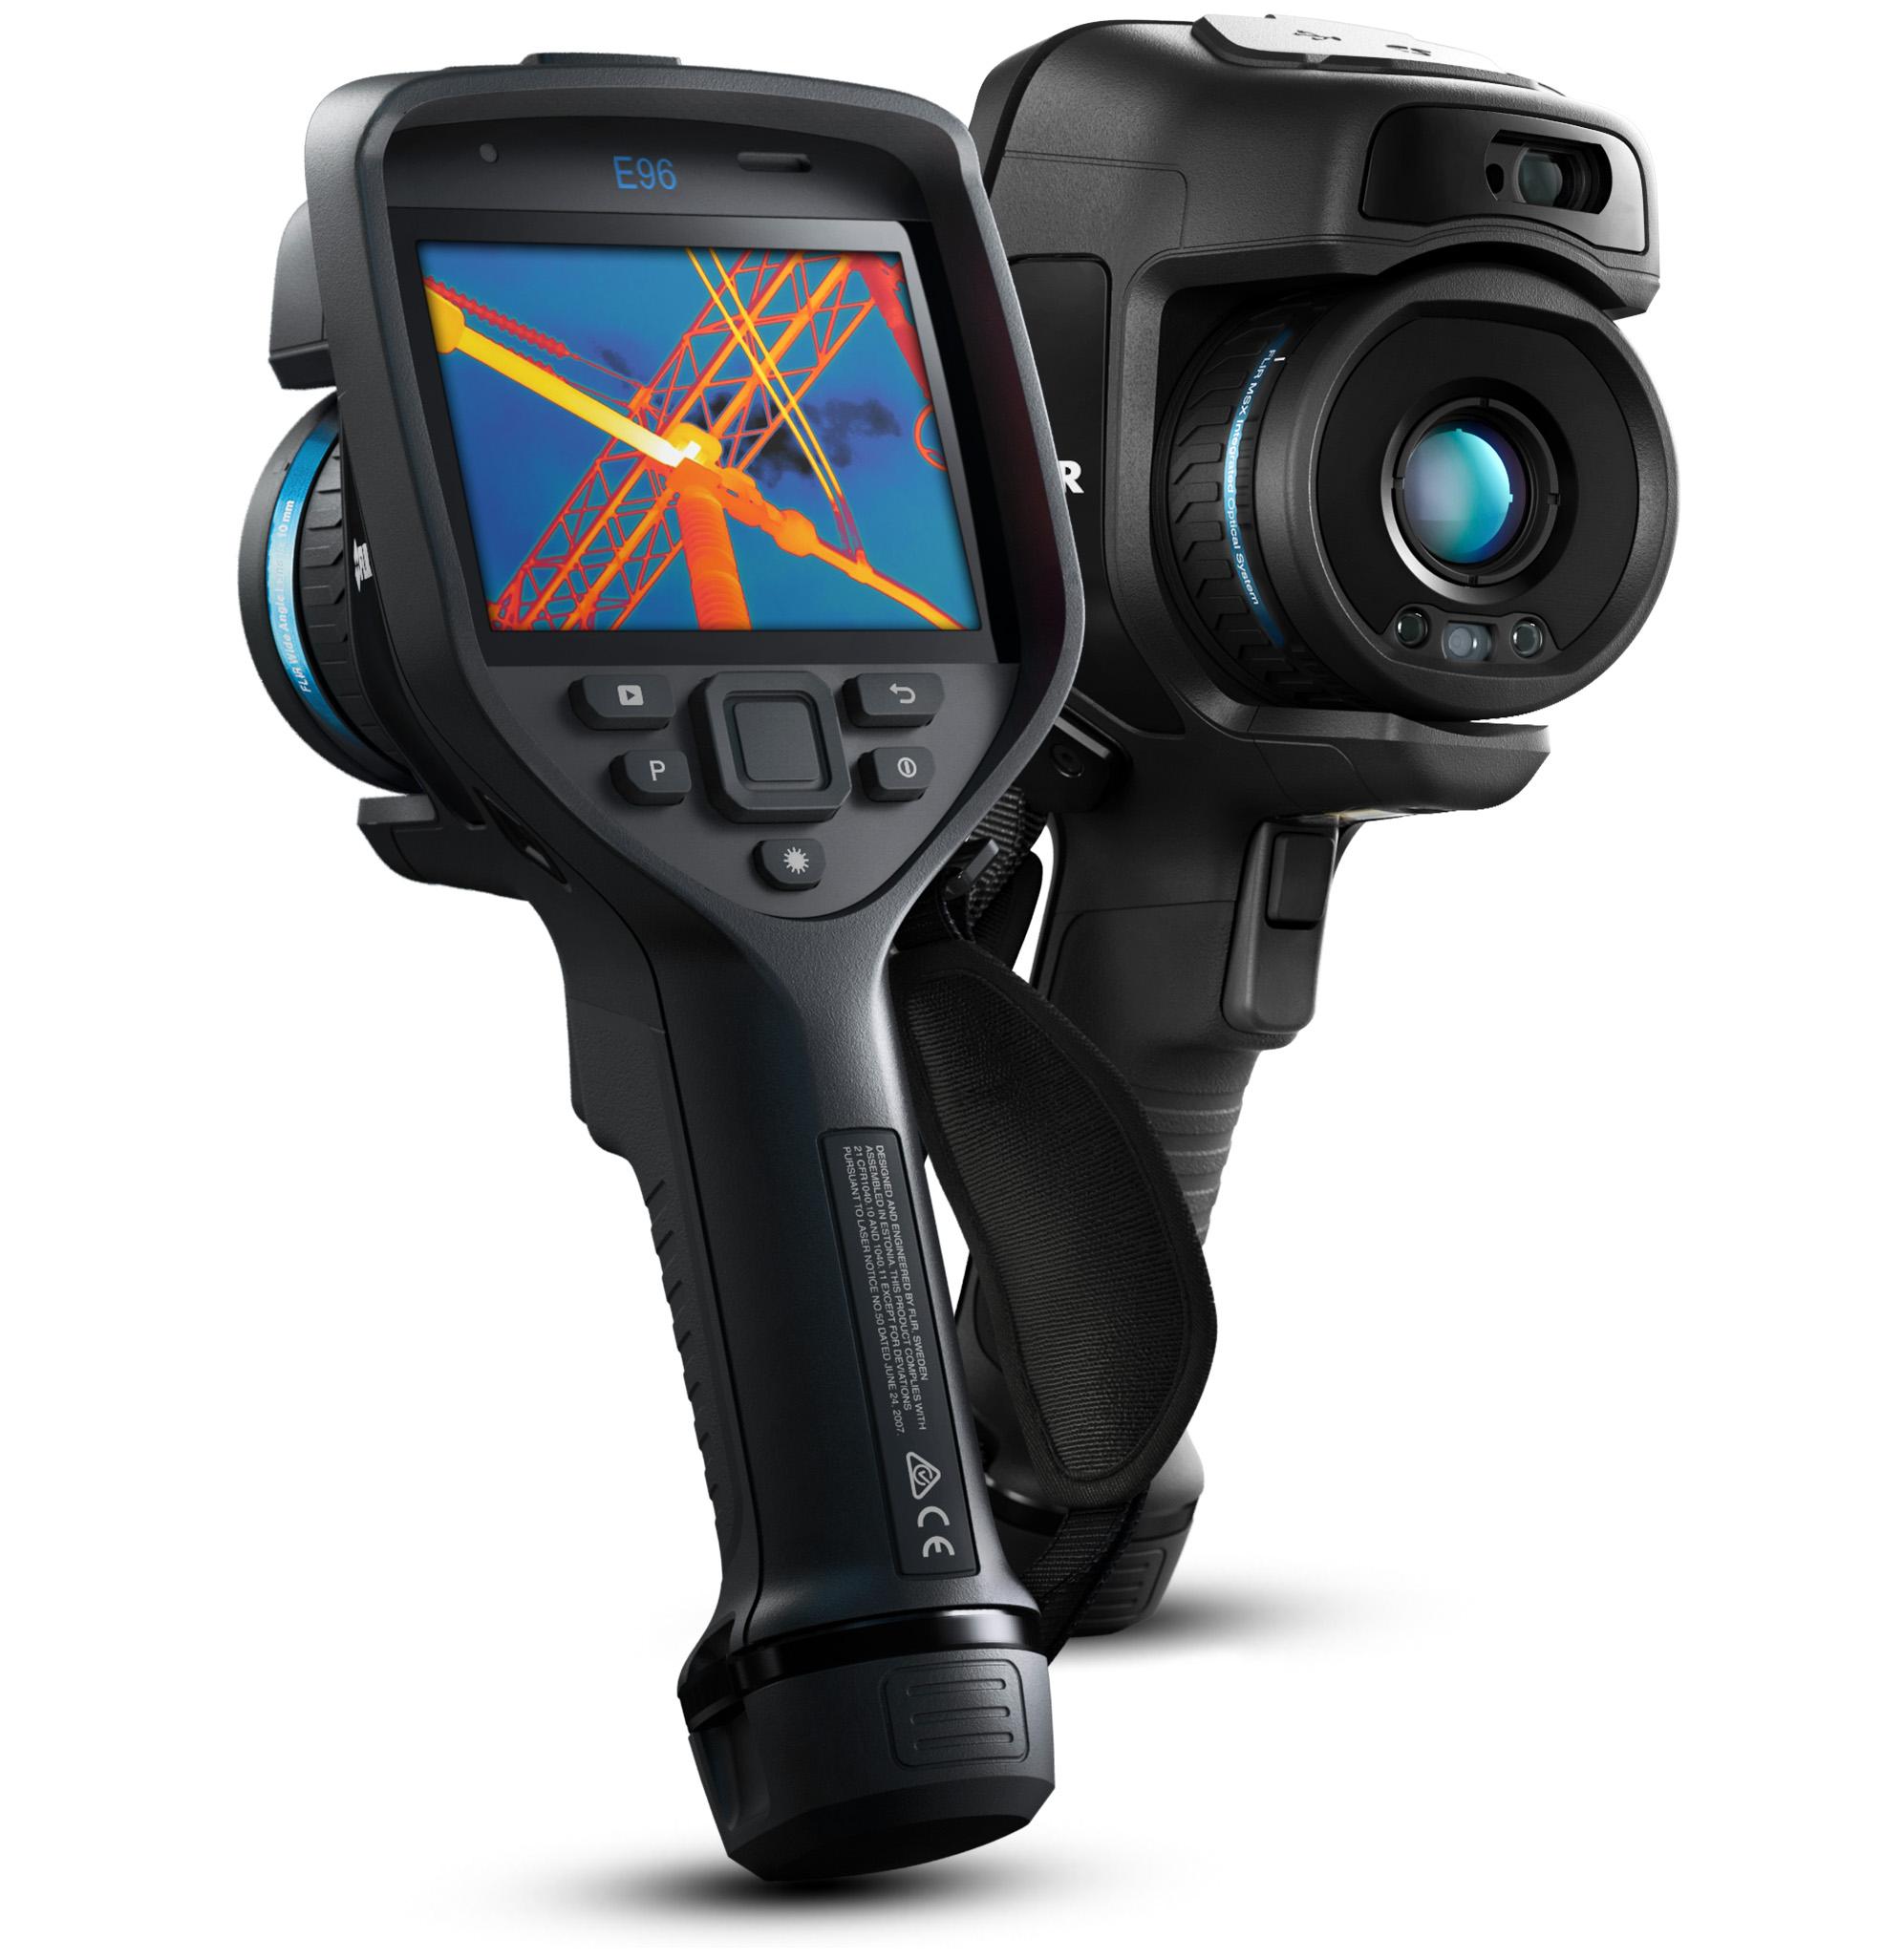 Kamera termowizyjna FLIR E96